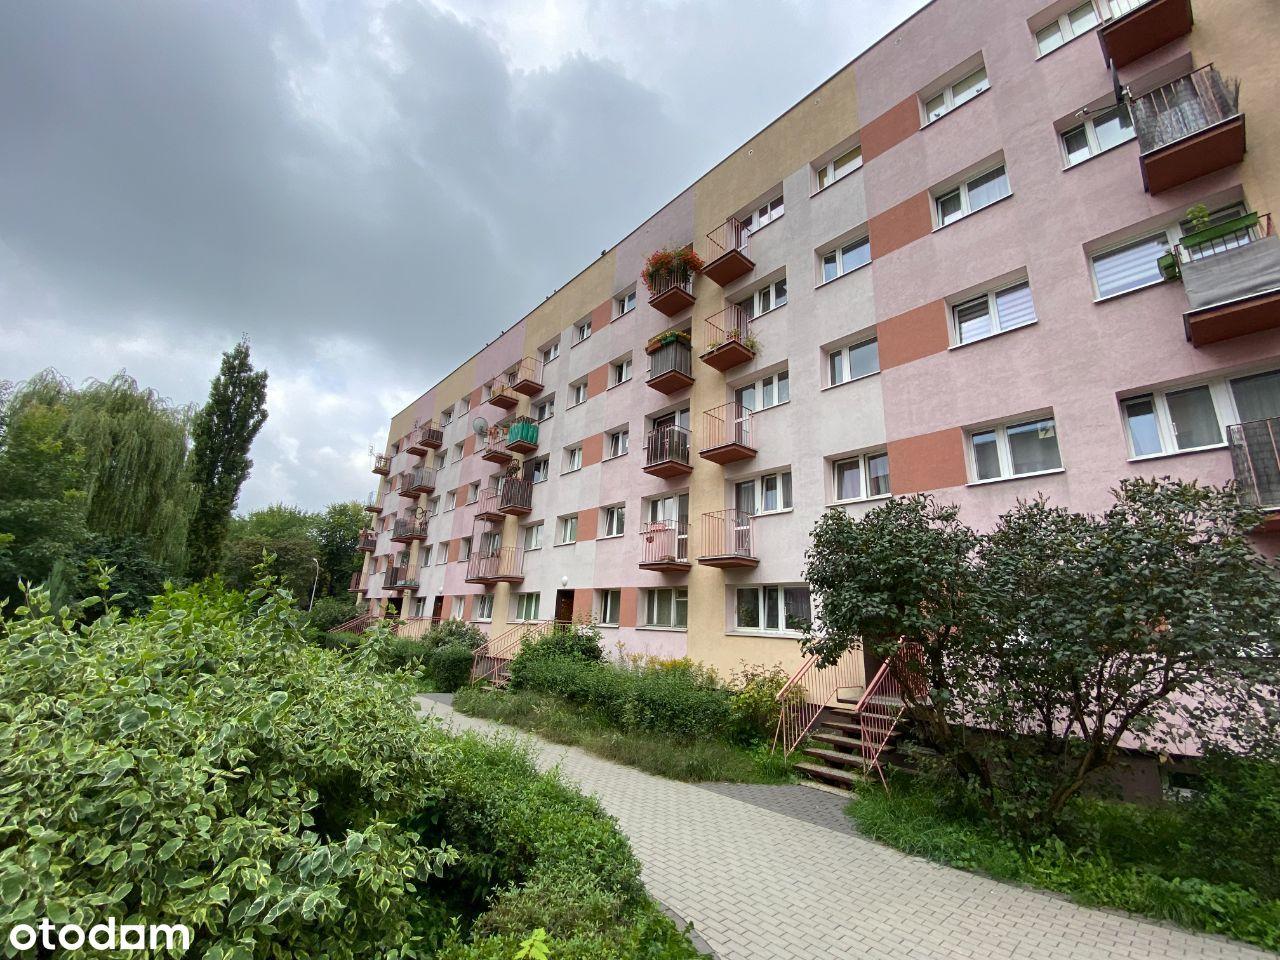 Mieszkanie 2 pokoje 38,5 m2 ulica Baleya Ochota